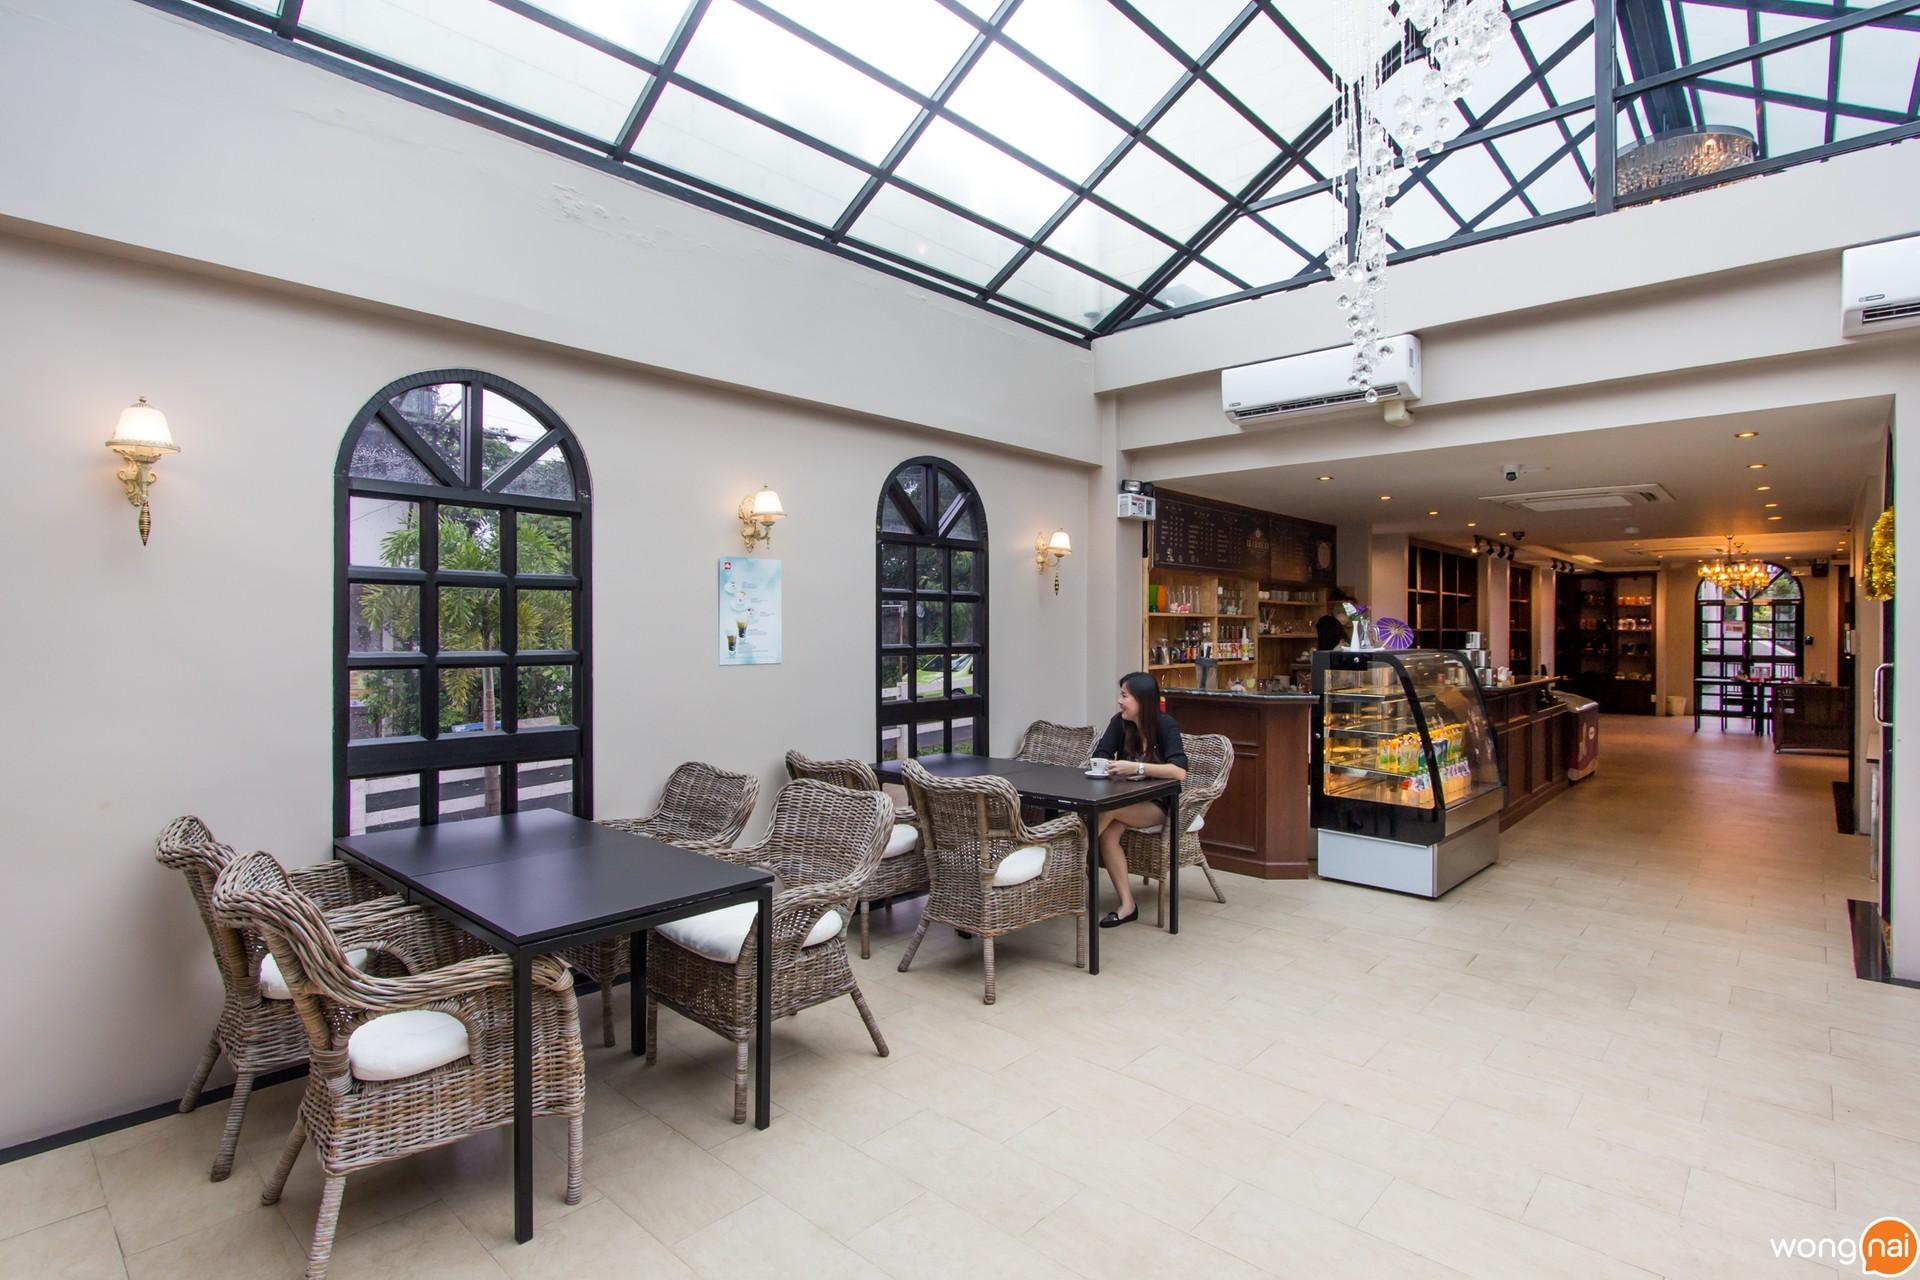 บรรยากาศภายในโซนร้านกาแฟ ของสวนอาหาร Wine Village